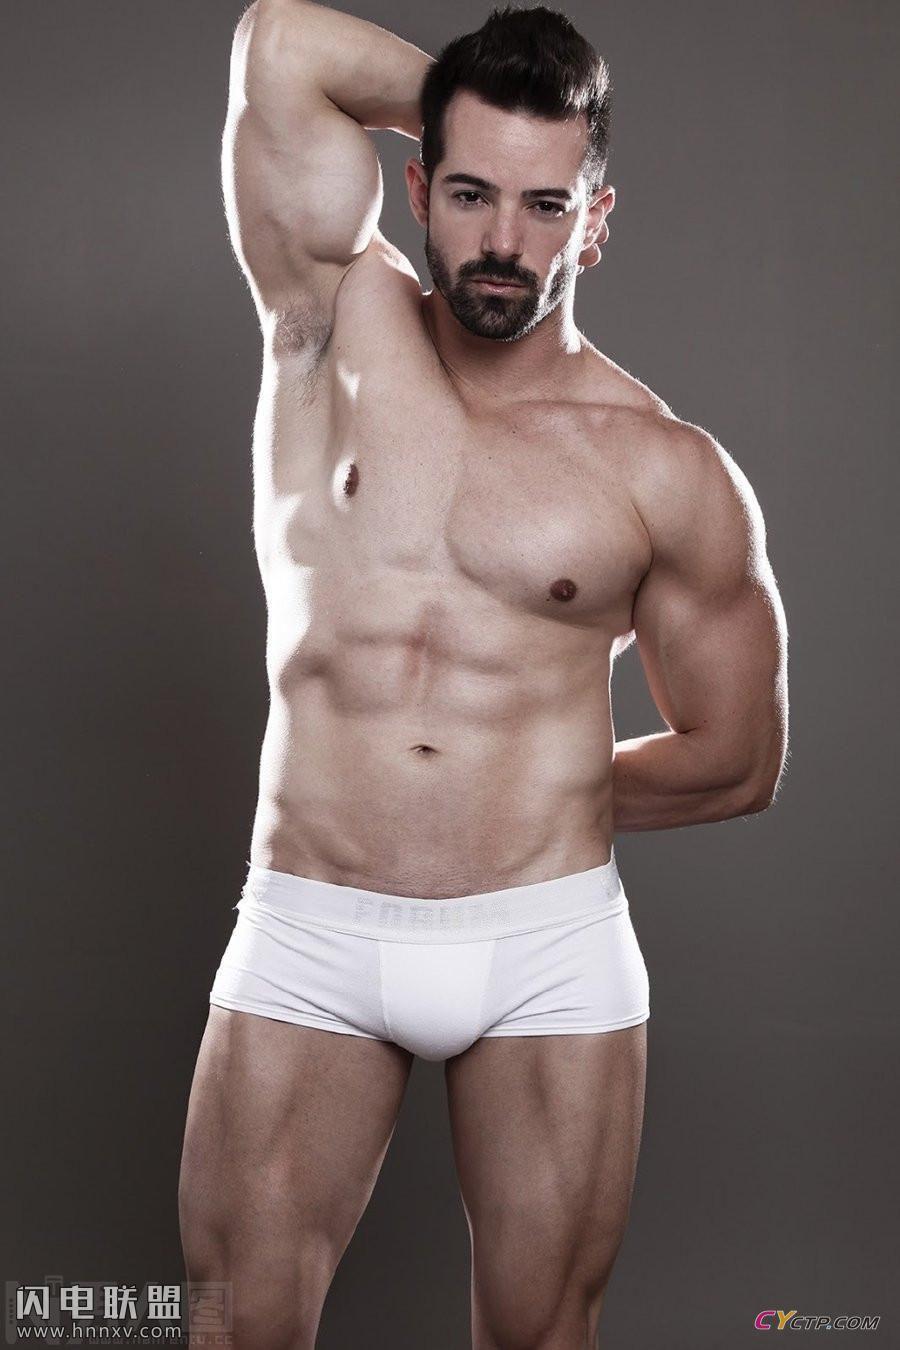 欧美性感型男帅哥同志只穿内裤大秀腹肌写真